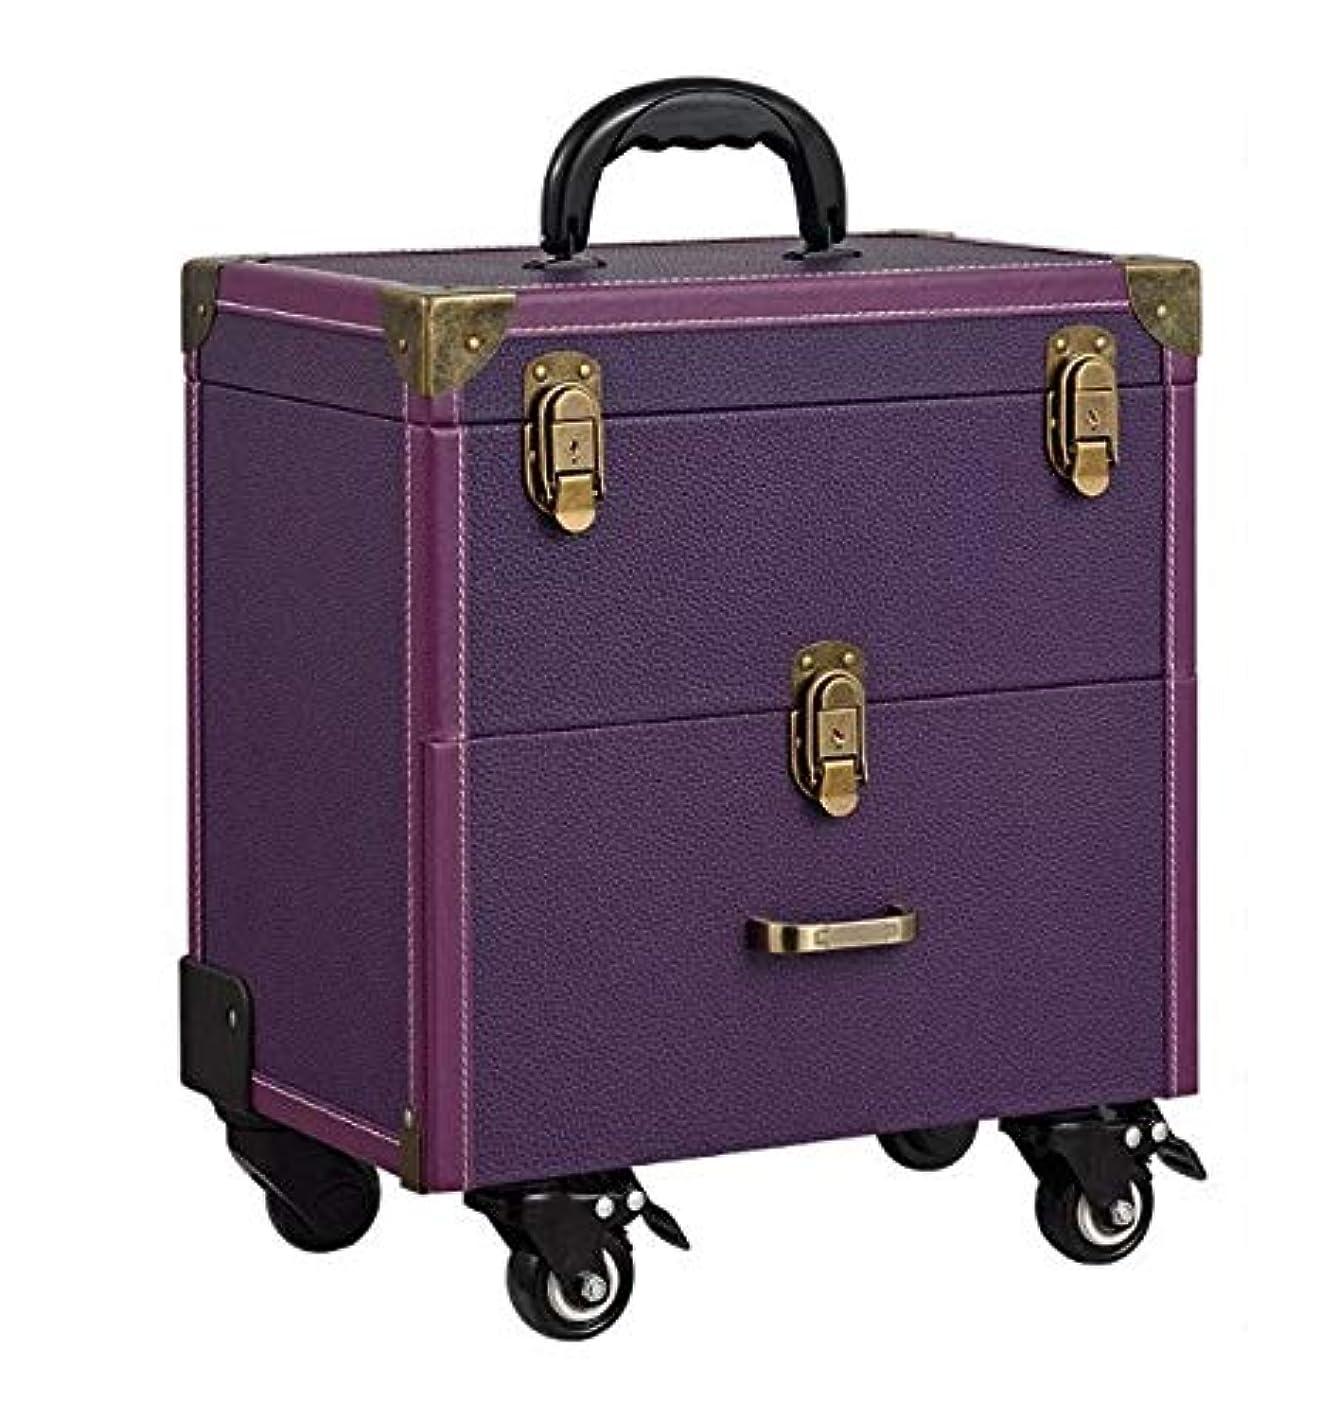 化粧箱、大容量二層トロリー化粧品ケース、ポータブル旅行化粧品バッグ収納袋、美容化粧ネイルジュエリー収納ボックス (Color : Purple)